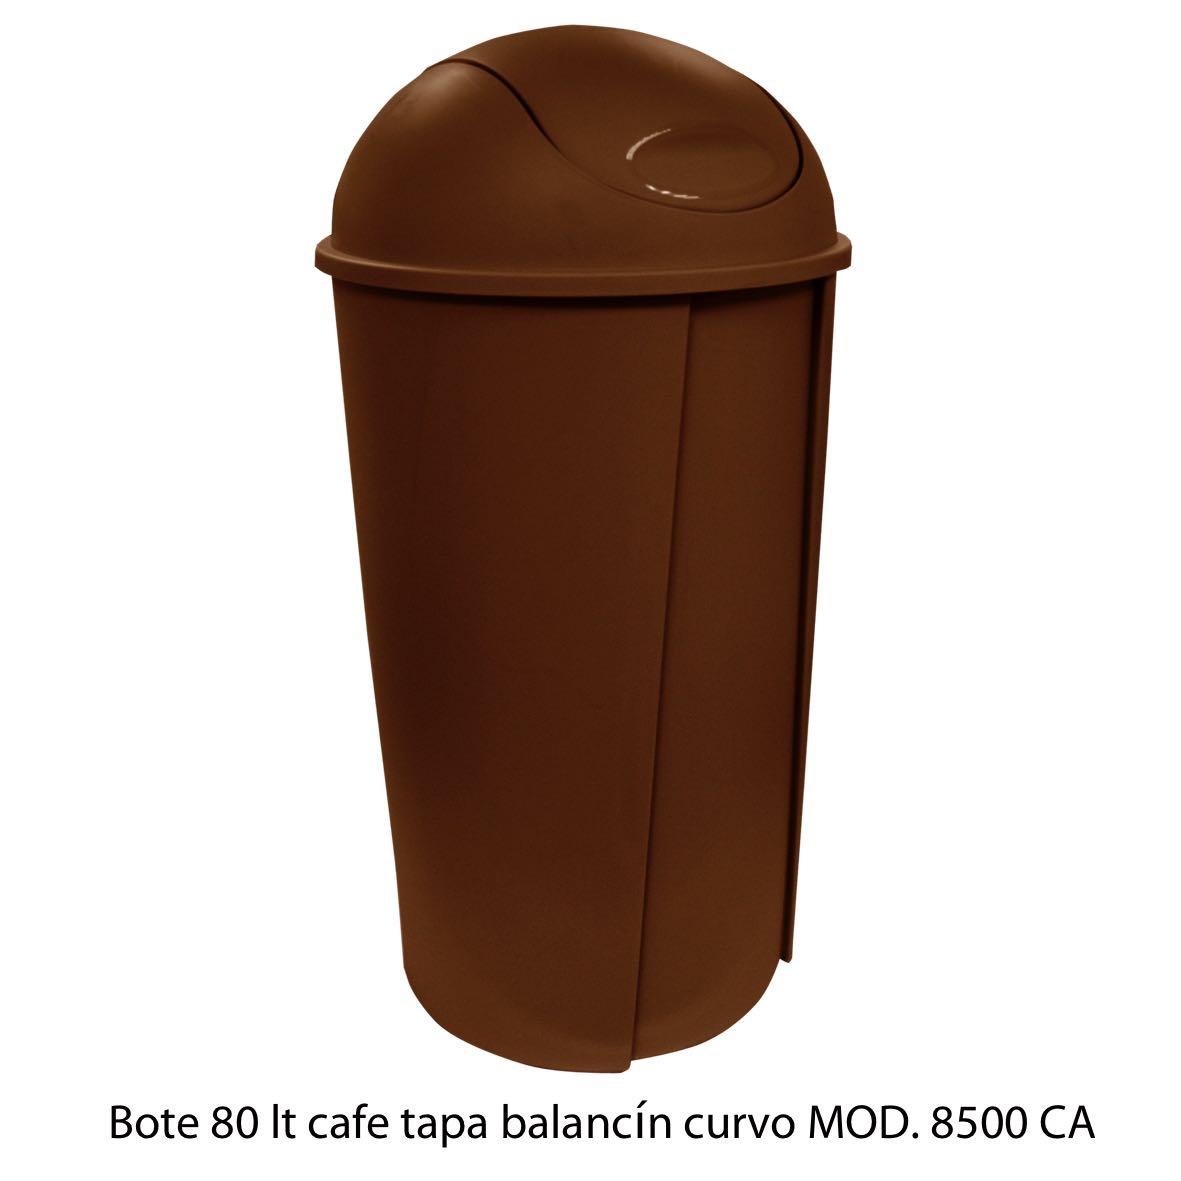 Bote de bausra de 80 litros con tapa balancín curvo color café modelo 8500 CA Sablón